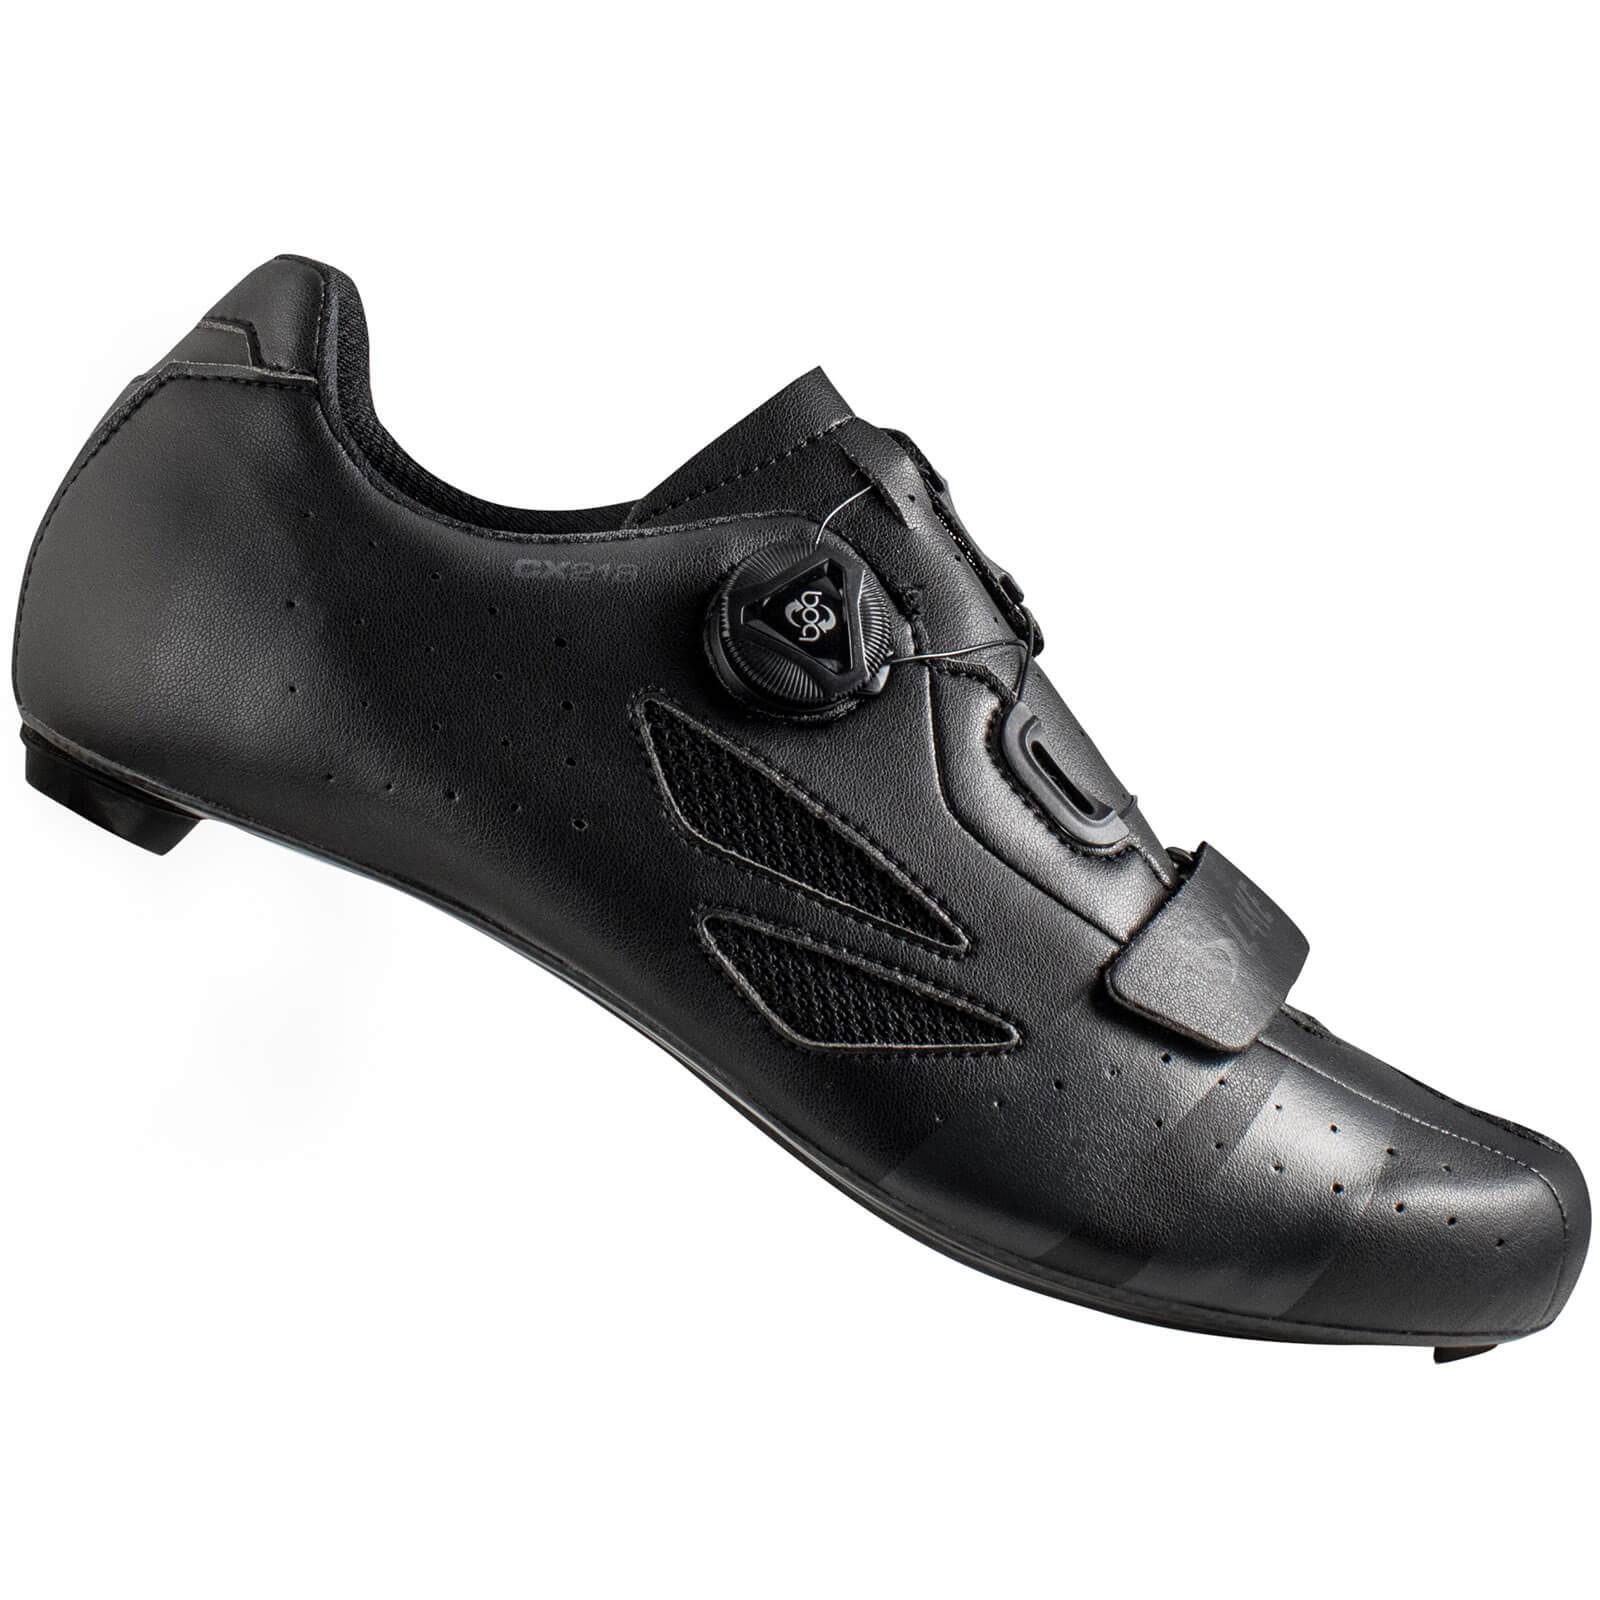 Lake CX218 Carbon Wide Fit Road Shoes